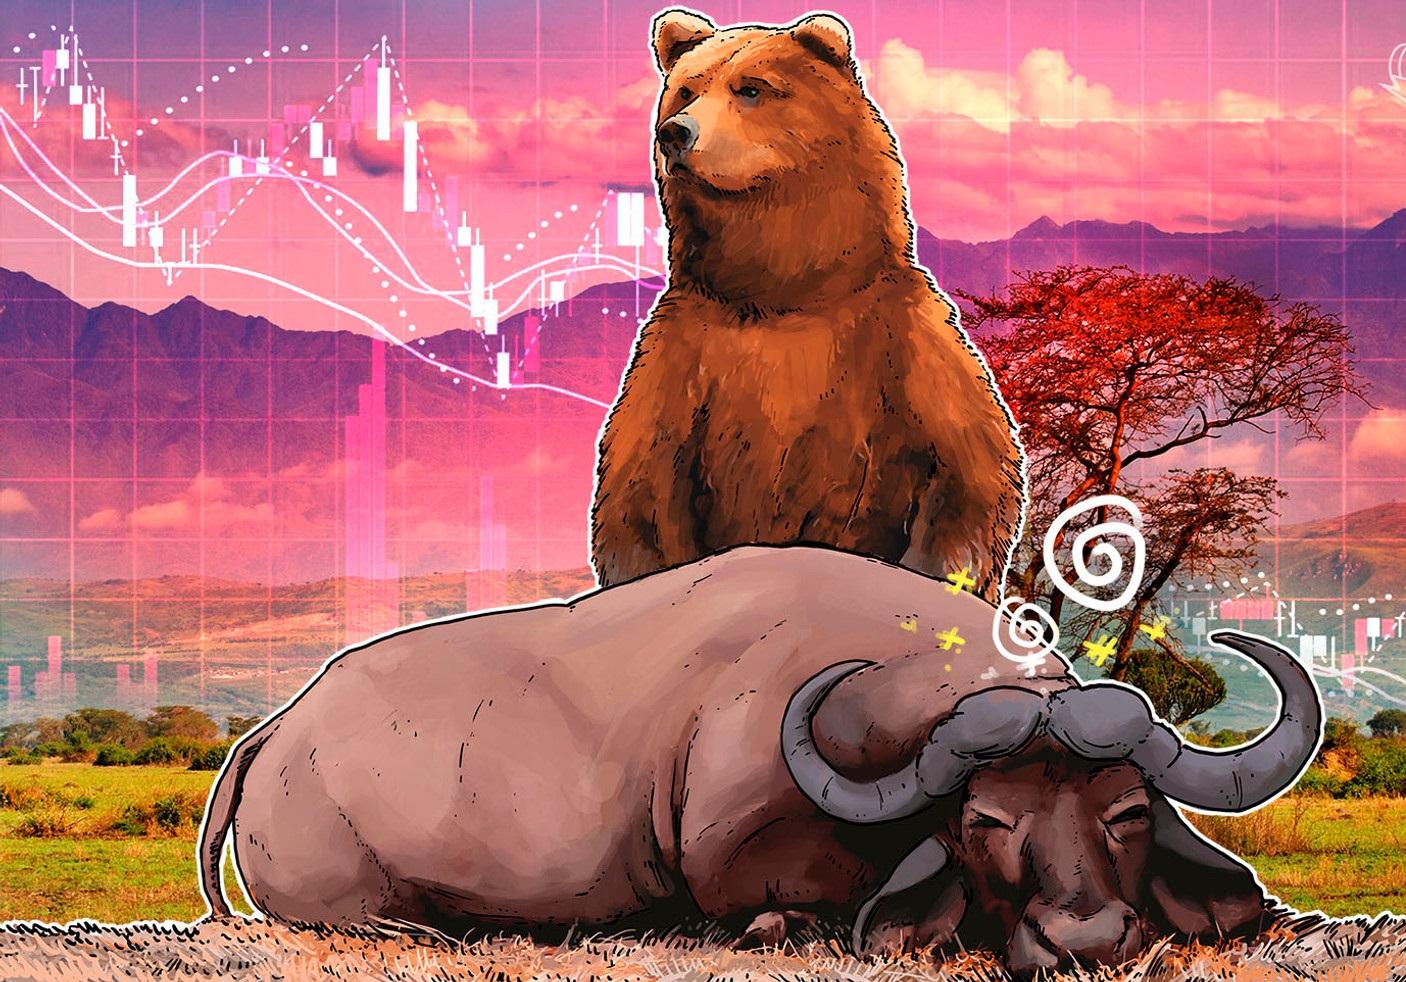 Nhịp đập Thị trường 08/04: Áp lực chốt lời mạnh, thị trường giảm đầu phiên